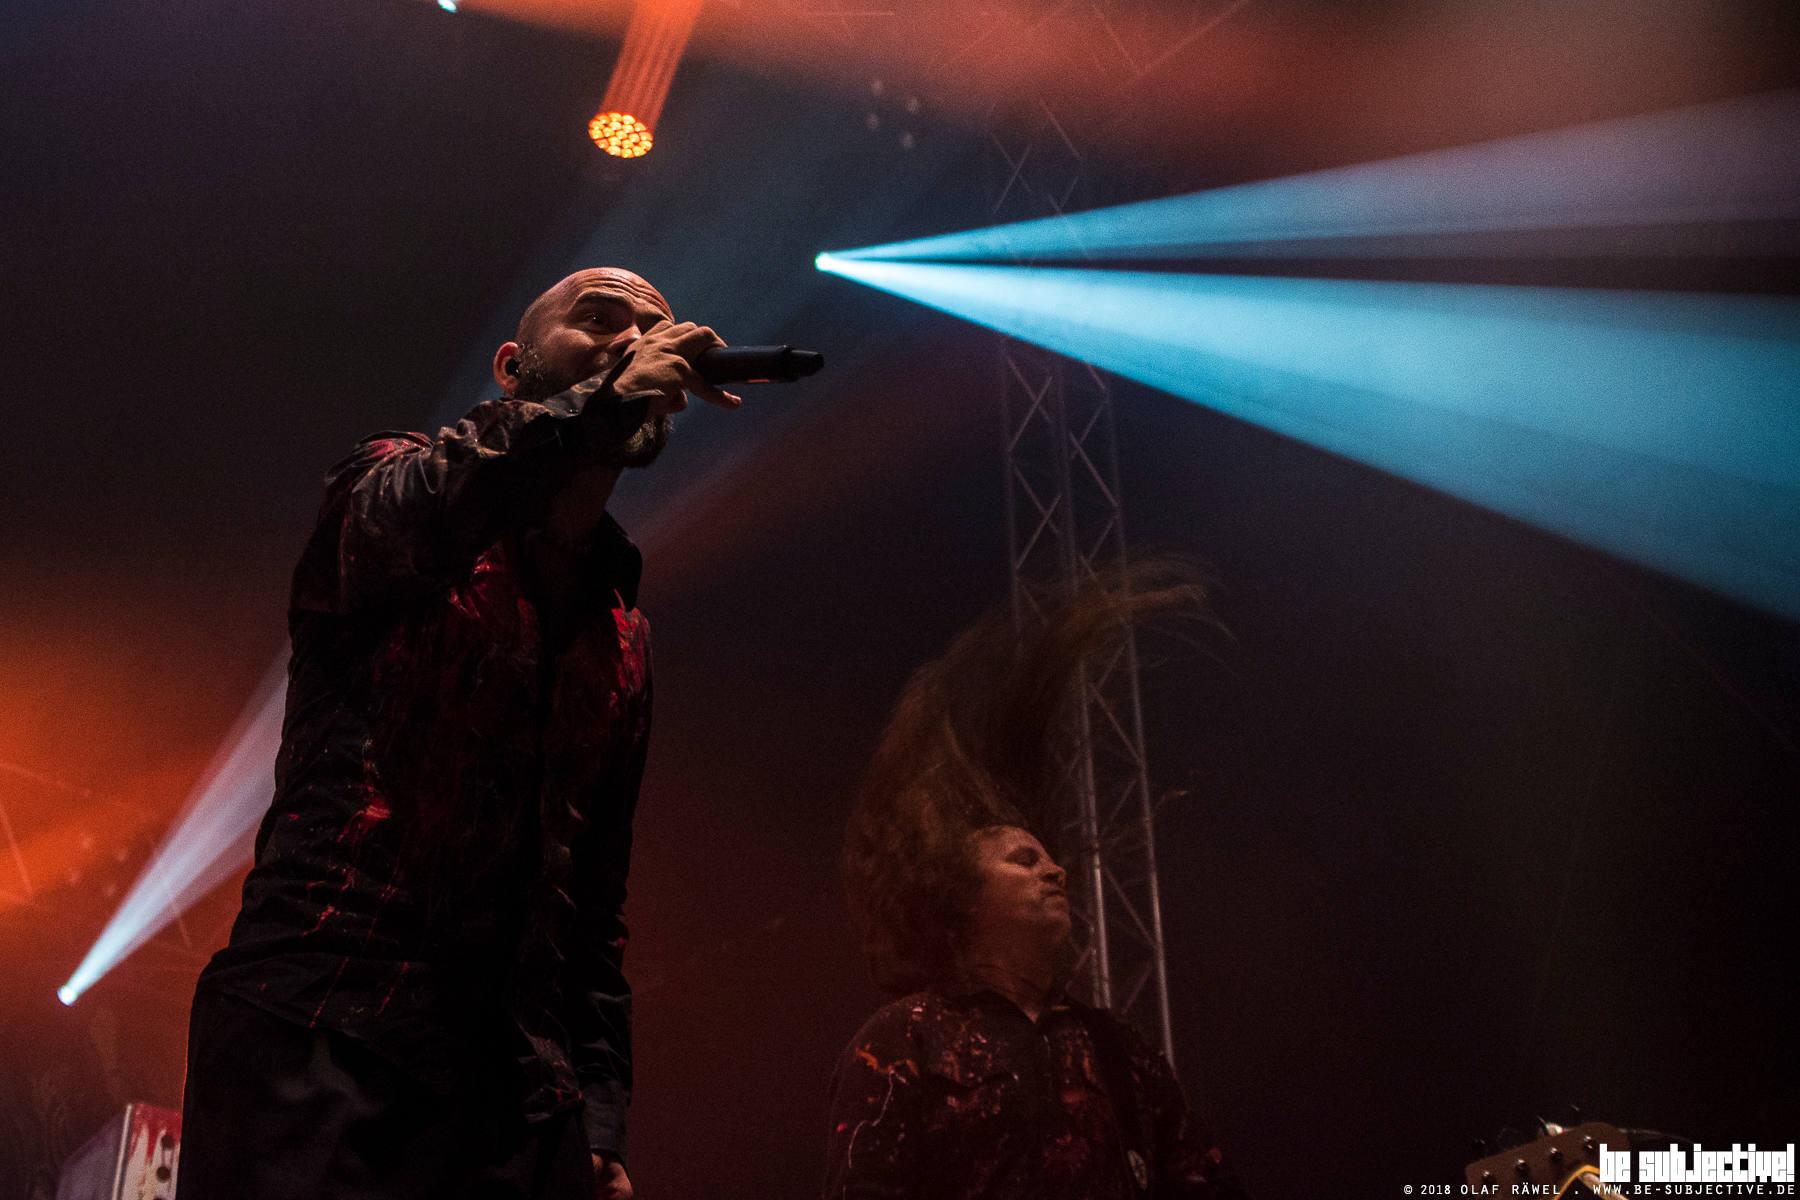 Die Apokalyptischen Reiter (Foto: Olaf Raewel bs! 2018)